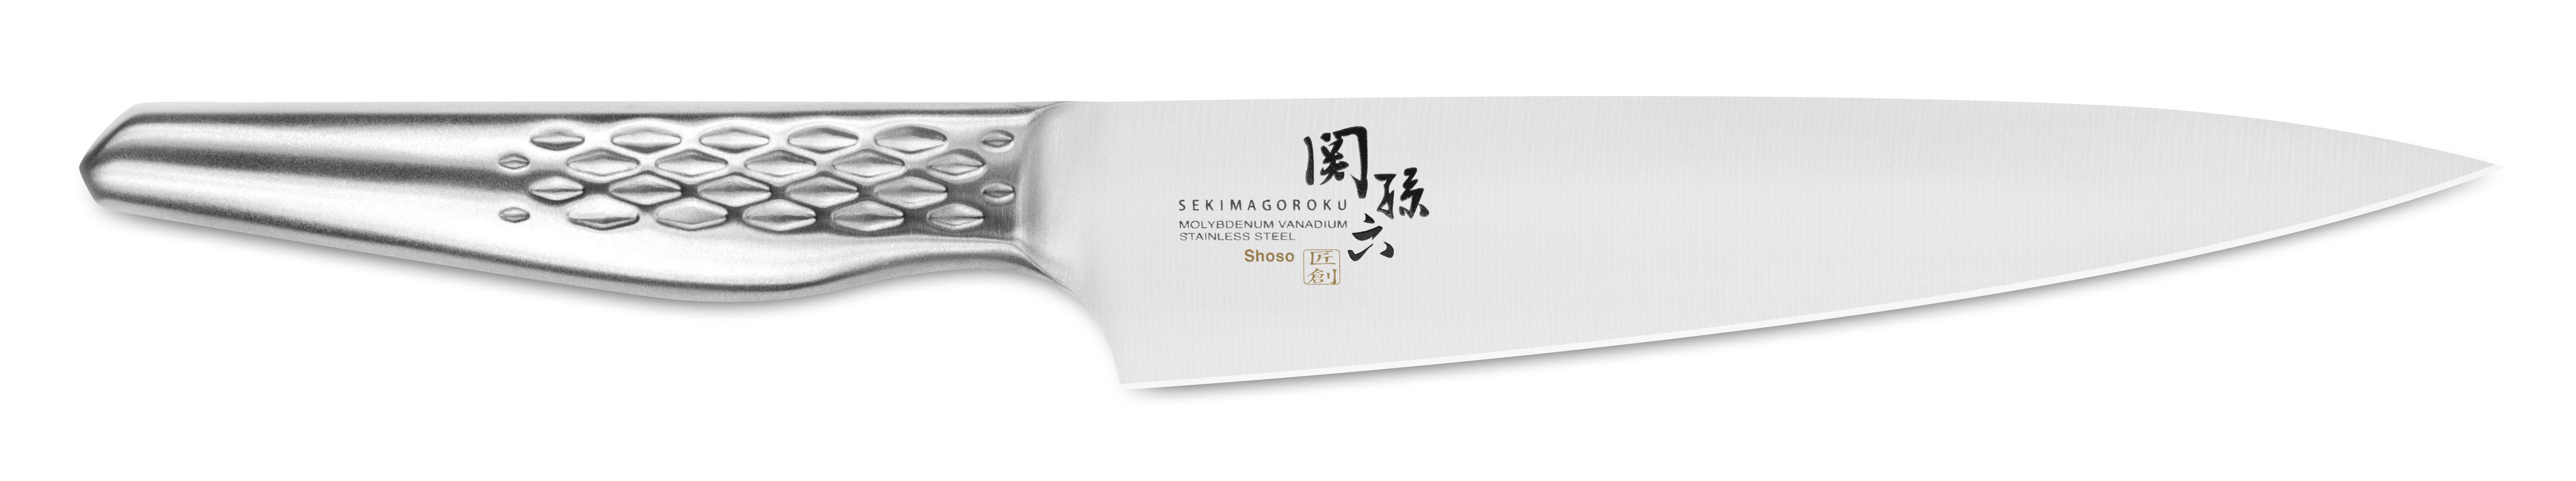 KAI SEKI MAGOROKU Shoso AB-5161